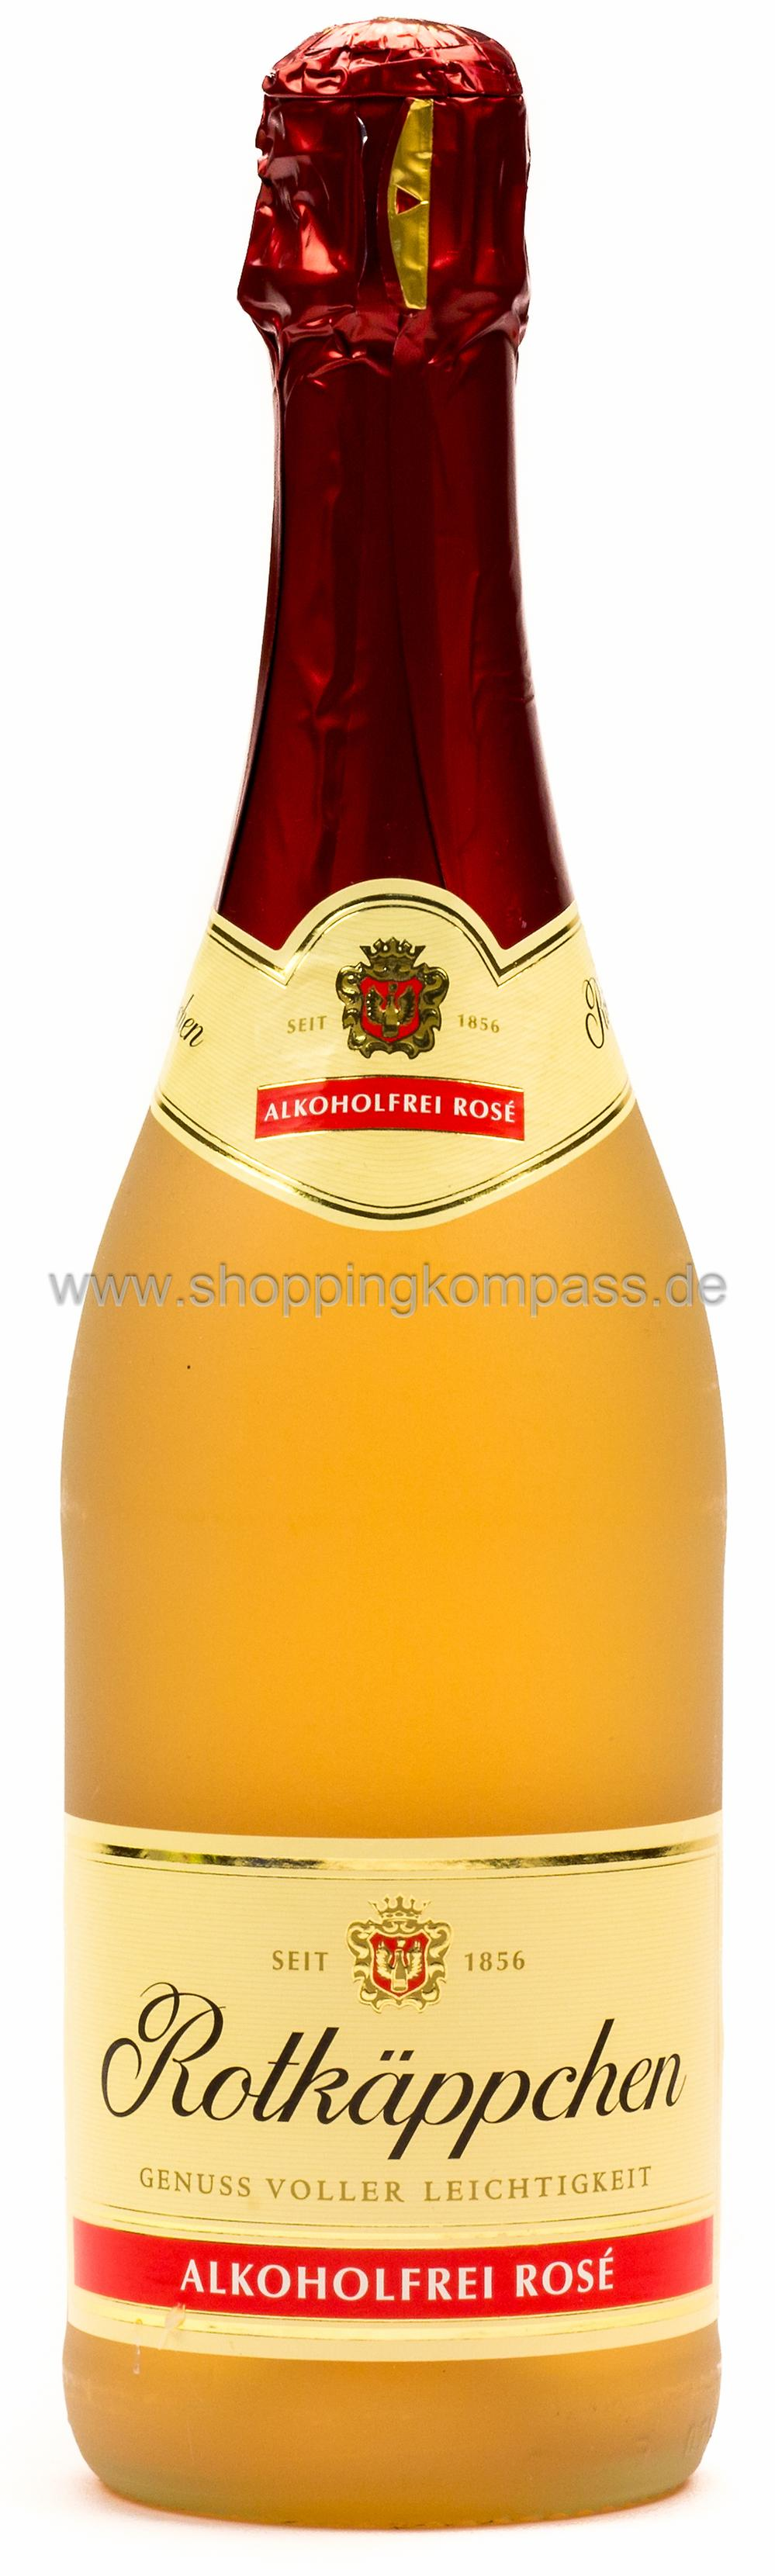 Rotkäppchen Sekt Alkoholfrei Rose